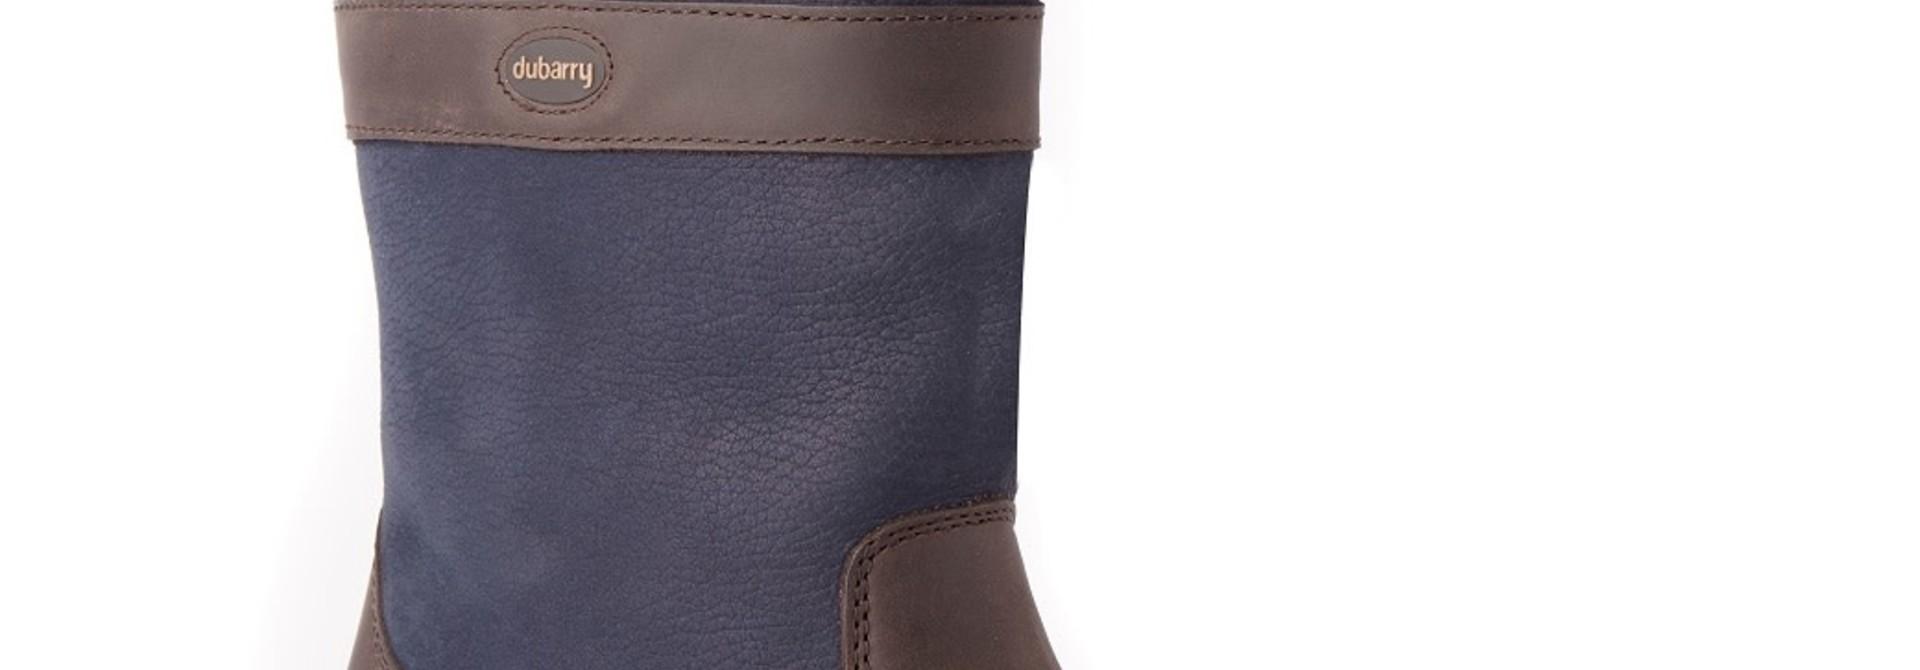 Dubarry Kildare outdoor laarzen - Navy/Brown